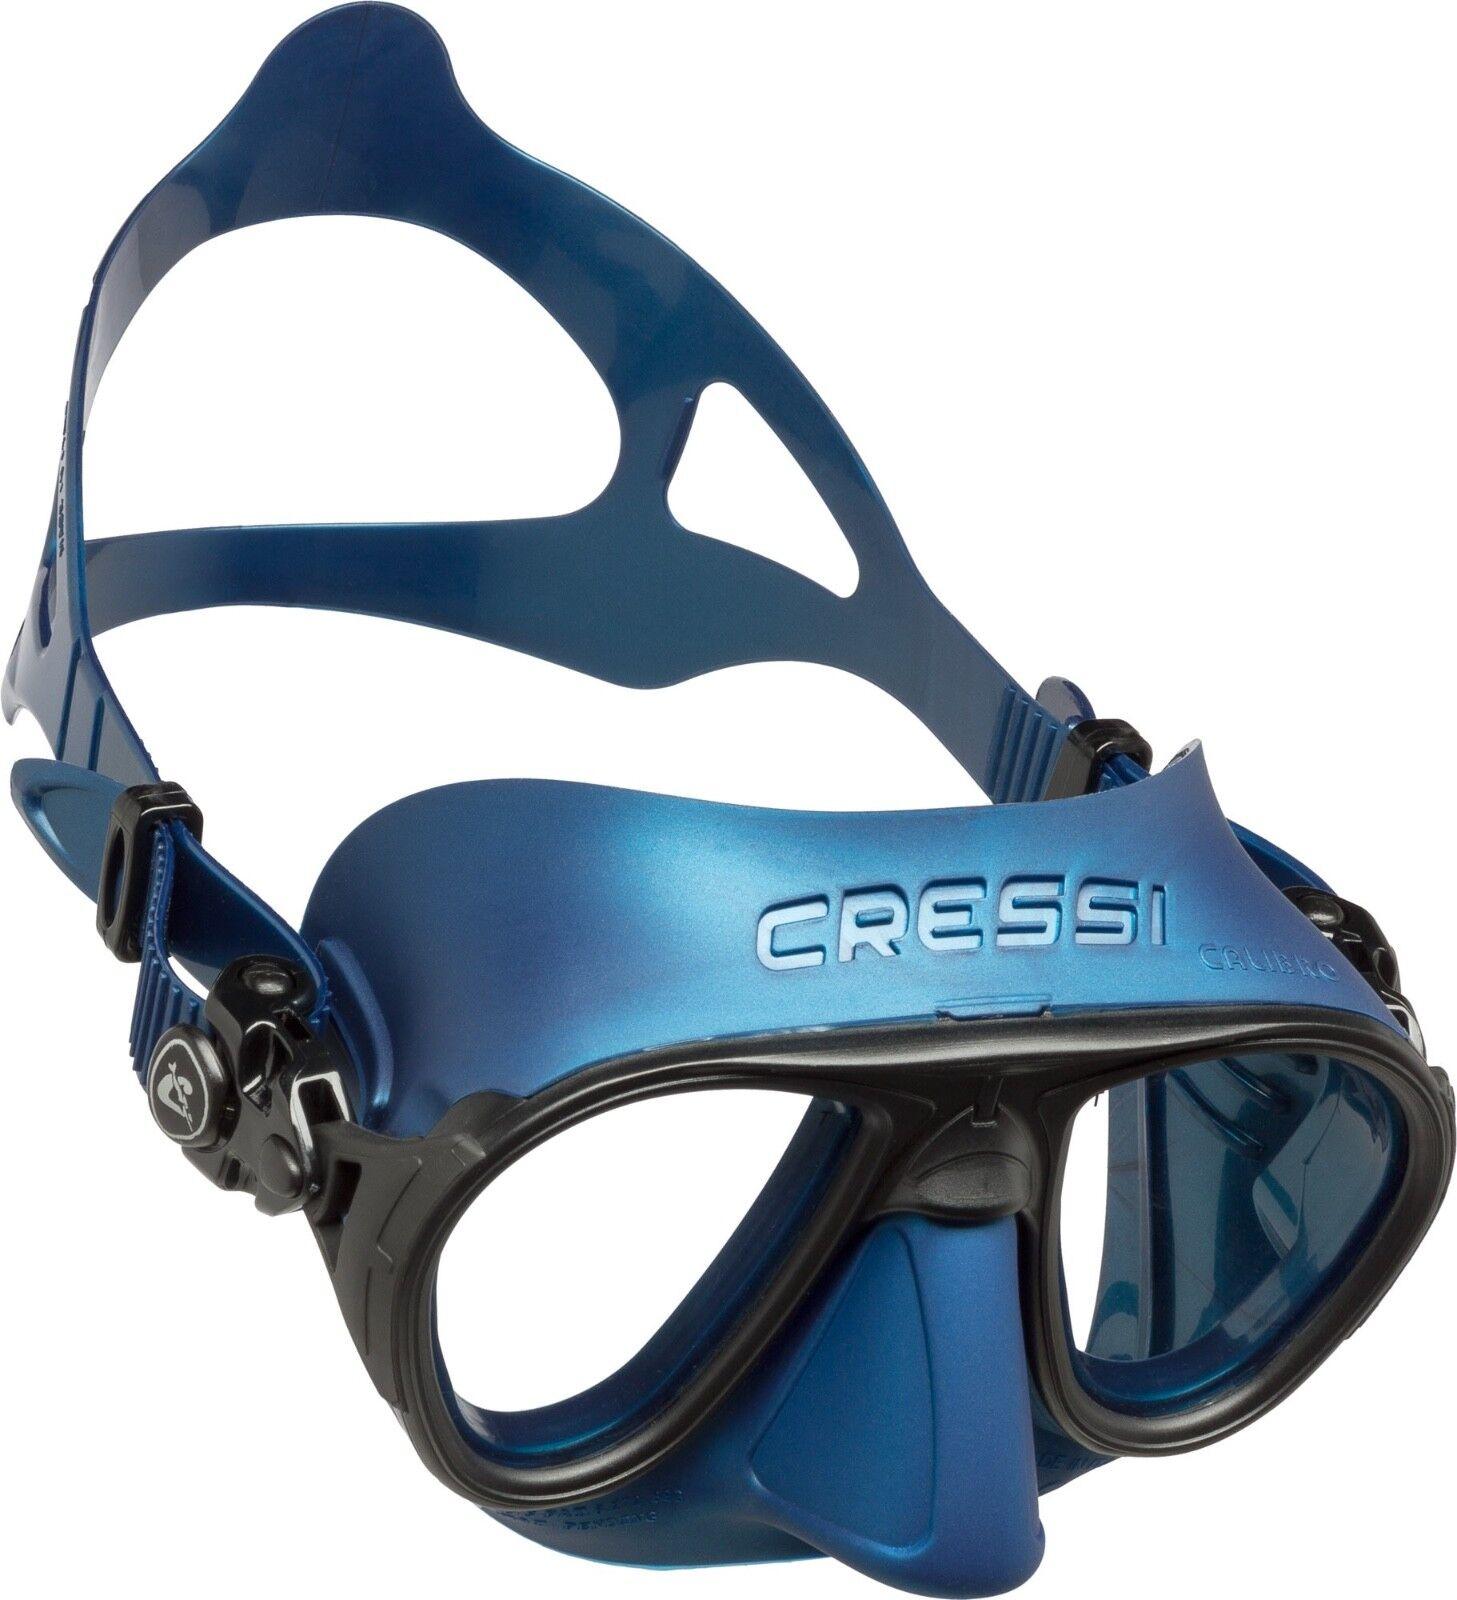 Calibro Cressi Maske One Size Blue / Tauchmaske / Brille / Schnorcheln / Apnoe